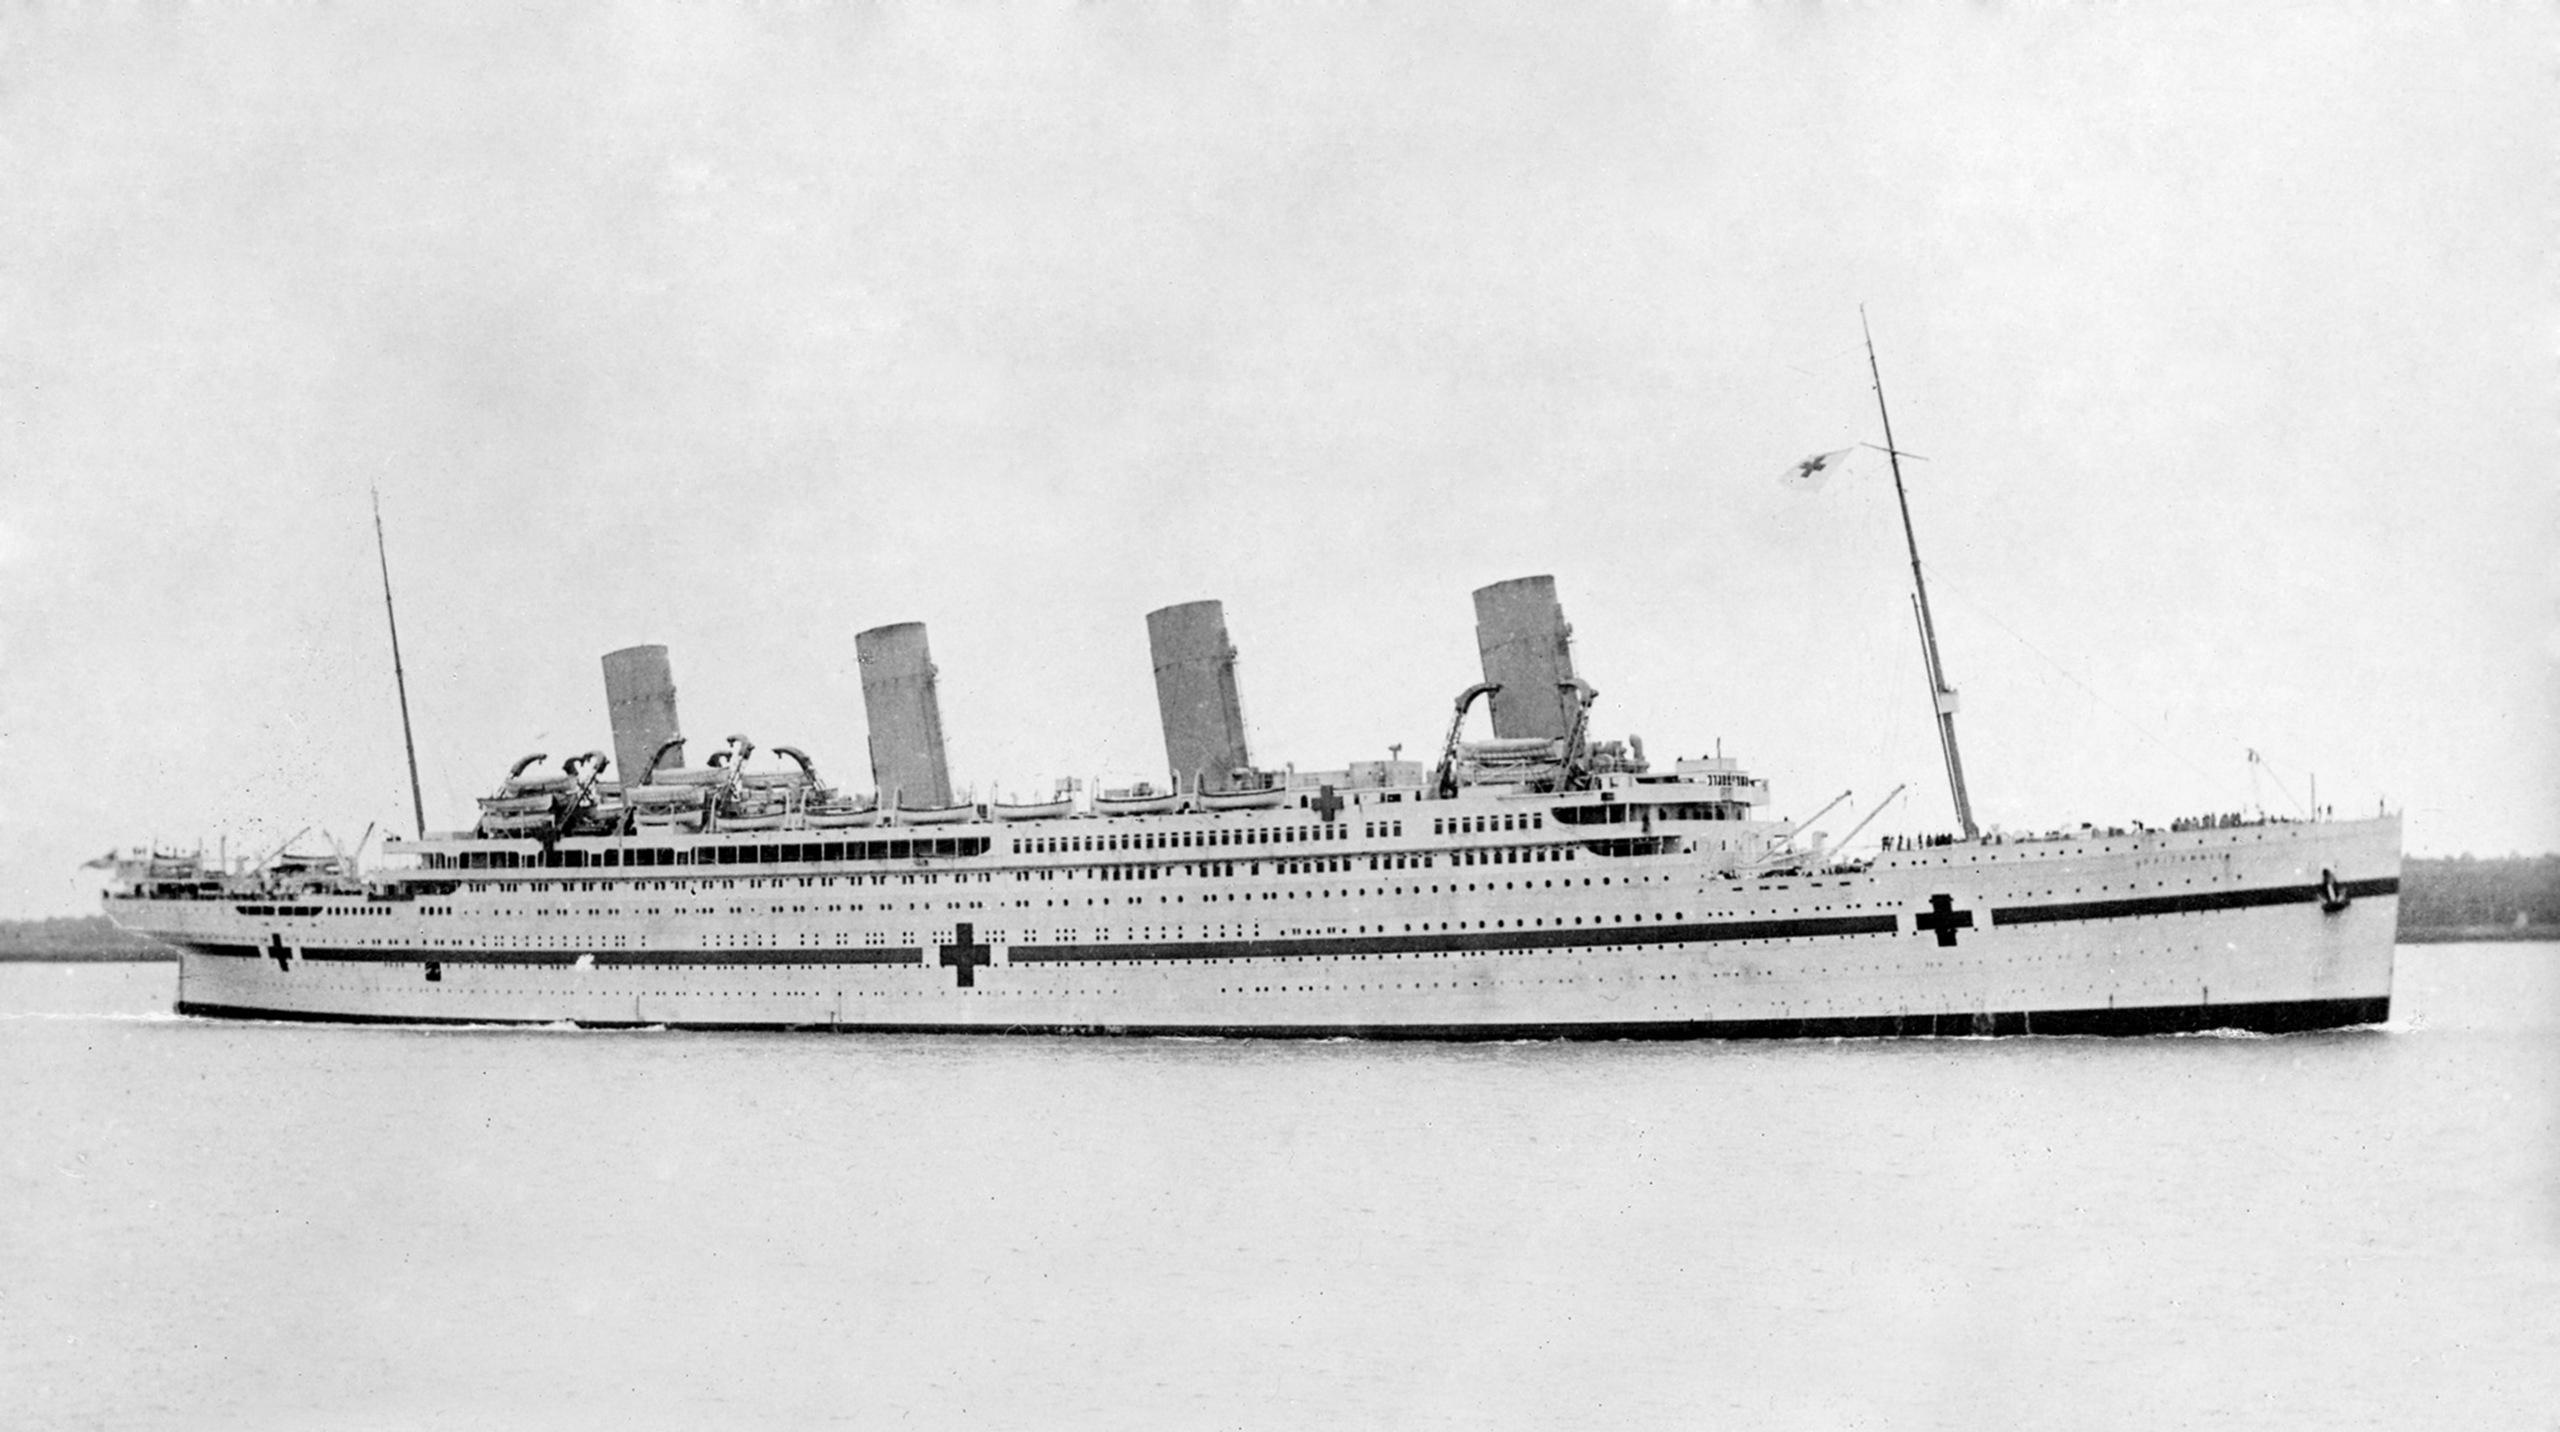 Recordando al HMHS Britanic